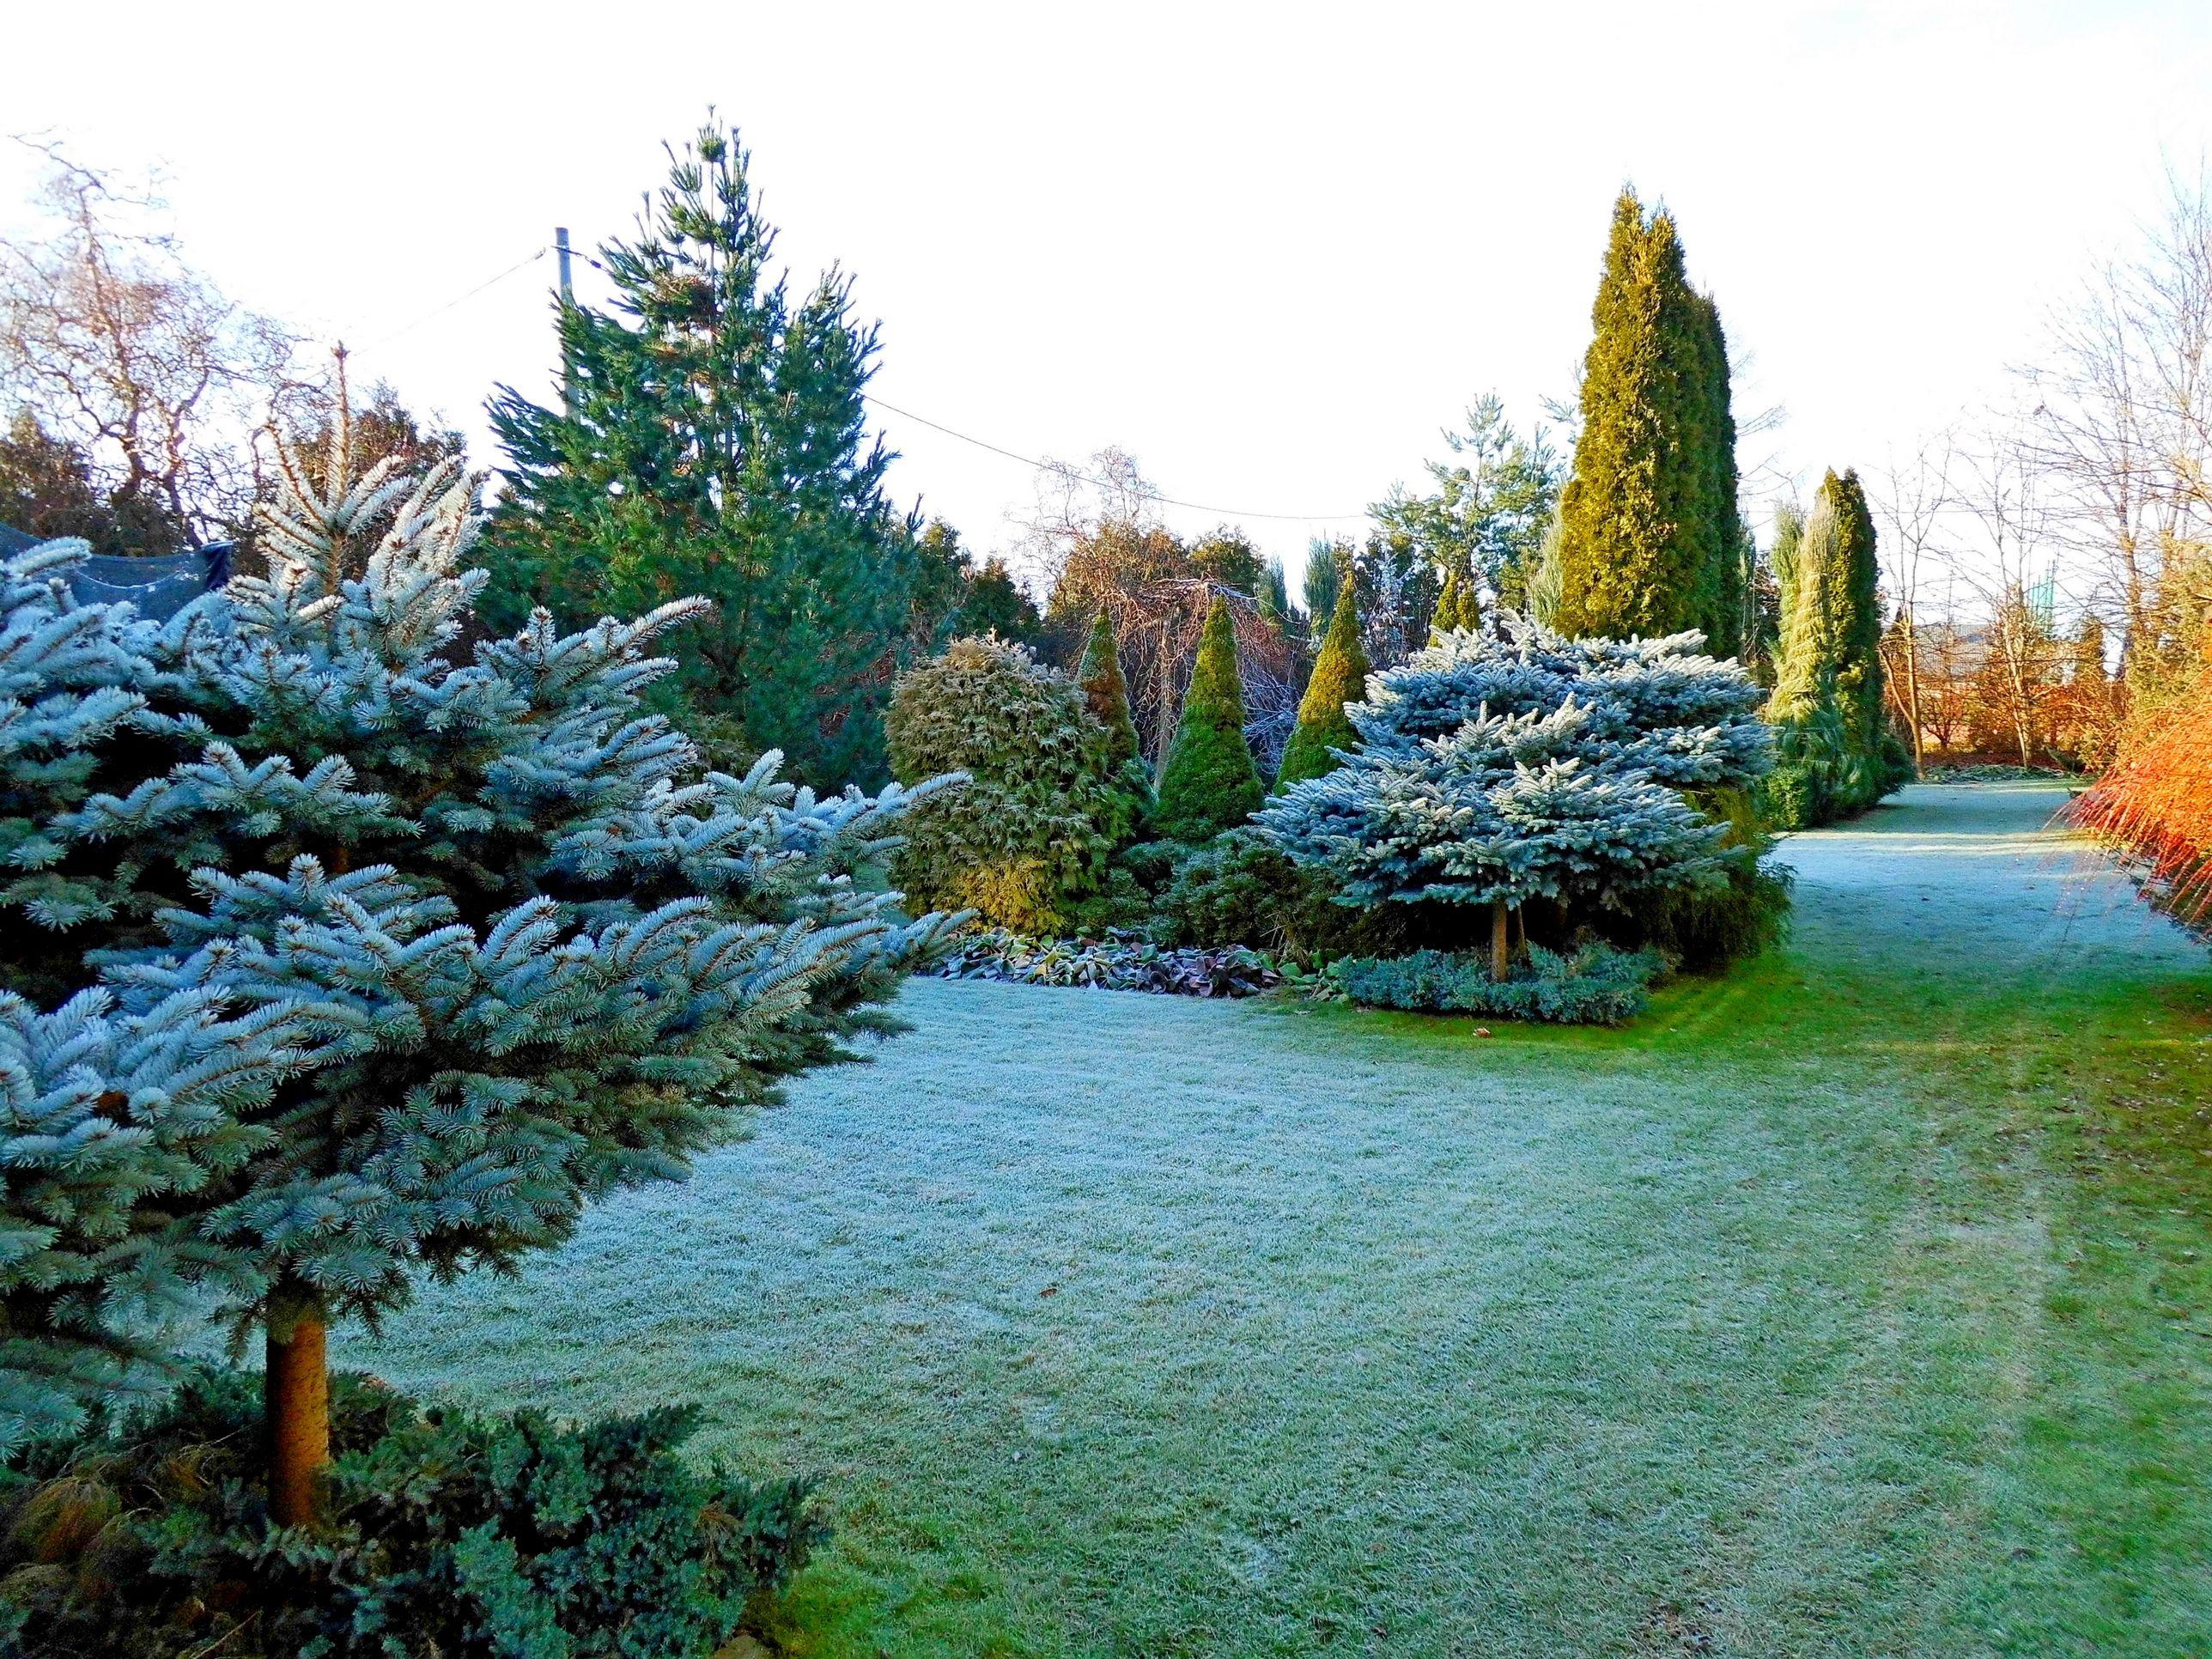 Zima W Ogrodzie Ogrody Kielce Outdoor Natural Landmarks Garden